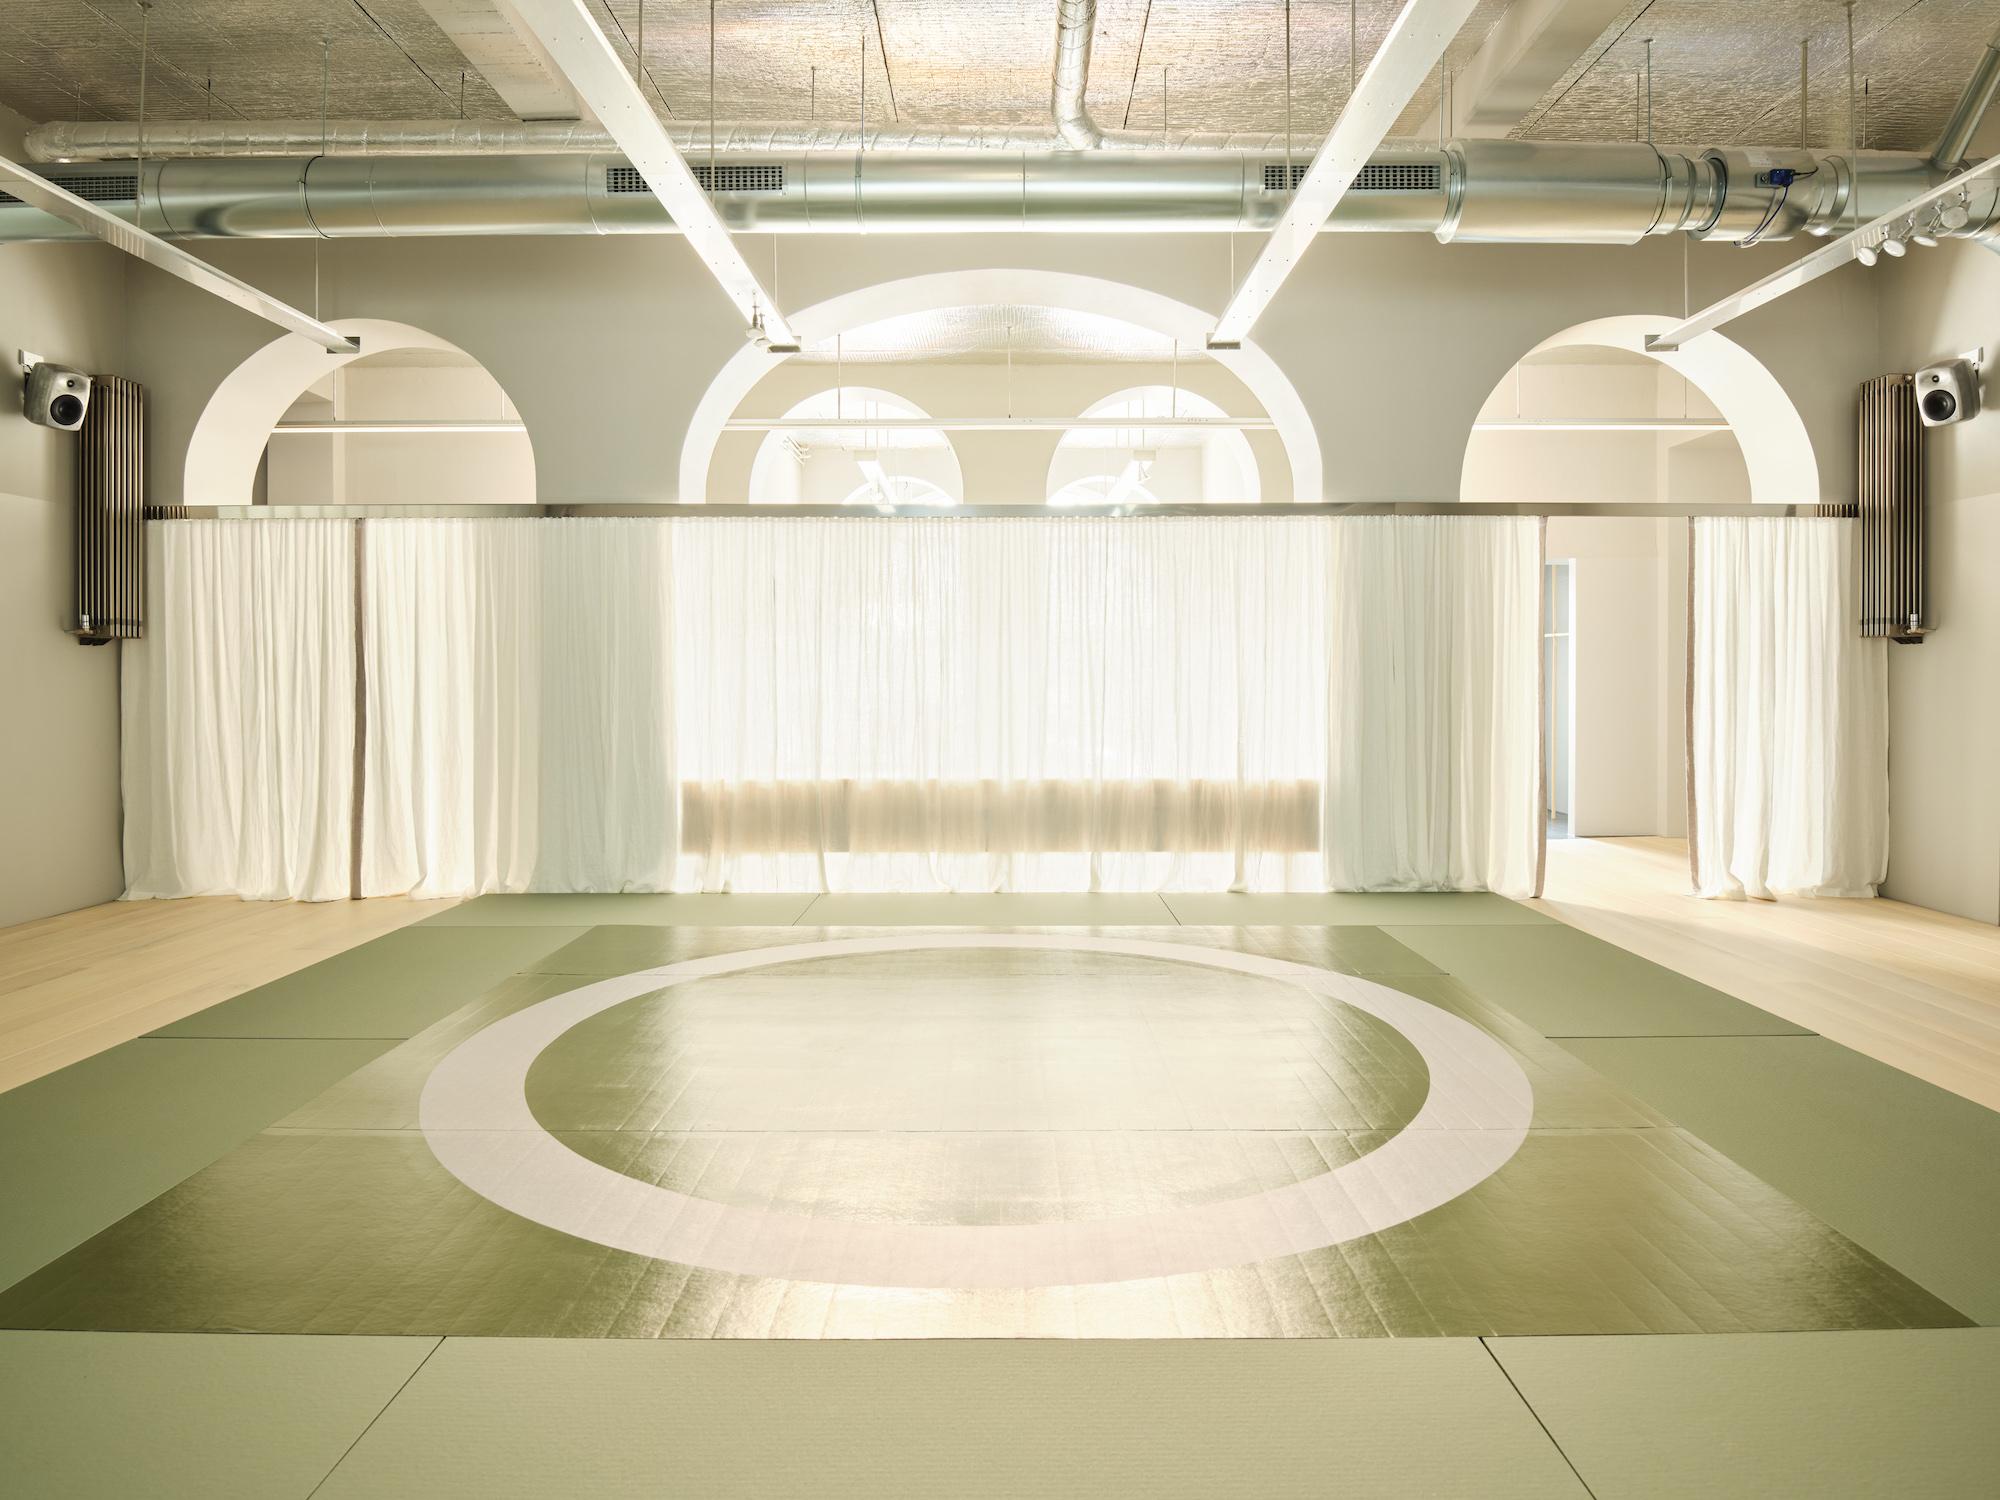 Træningsrummet i Hagius, hvor en stor olivengrøn måtte fylder gulvet og hvide gardiner foran det store vinduesparti skaber et behageligt, blødt lys